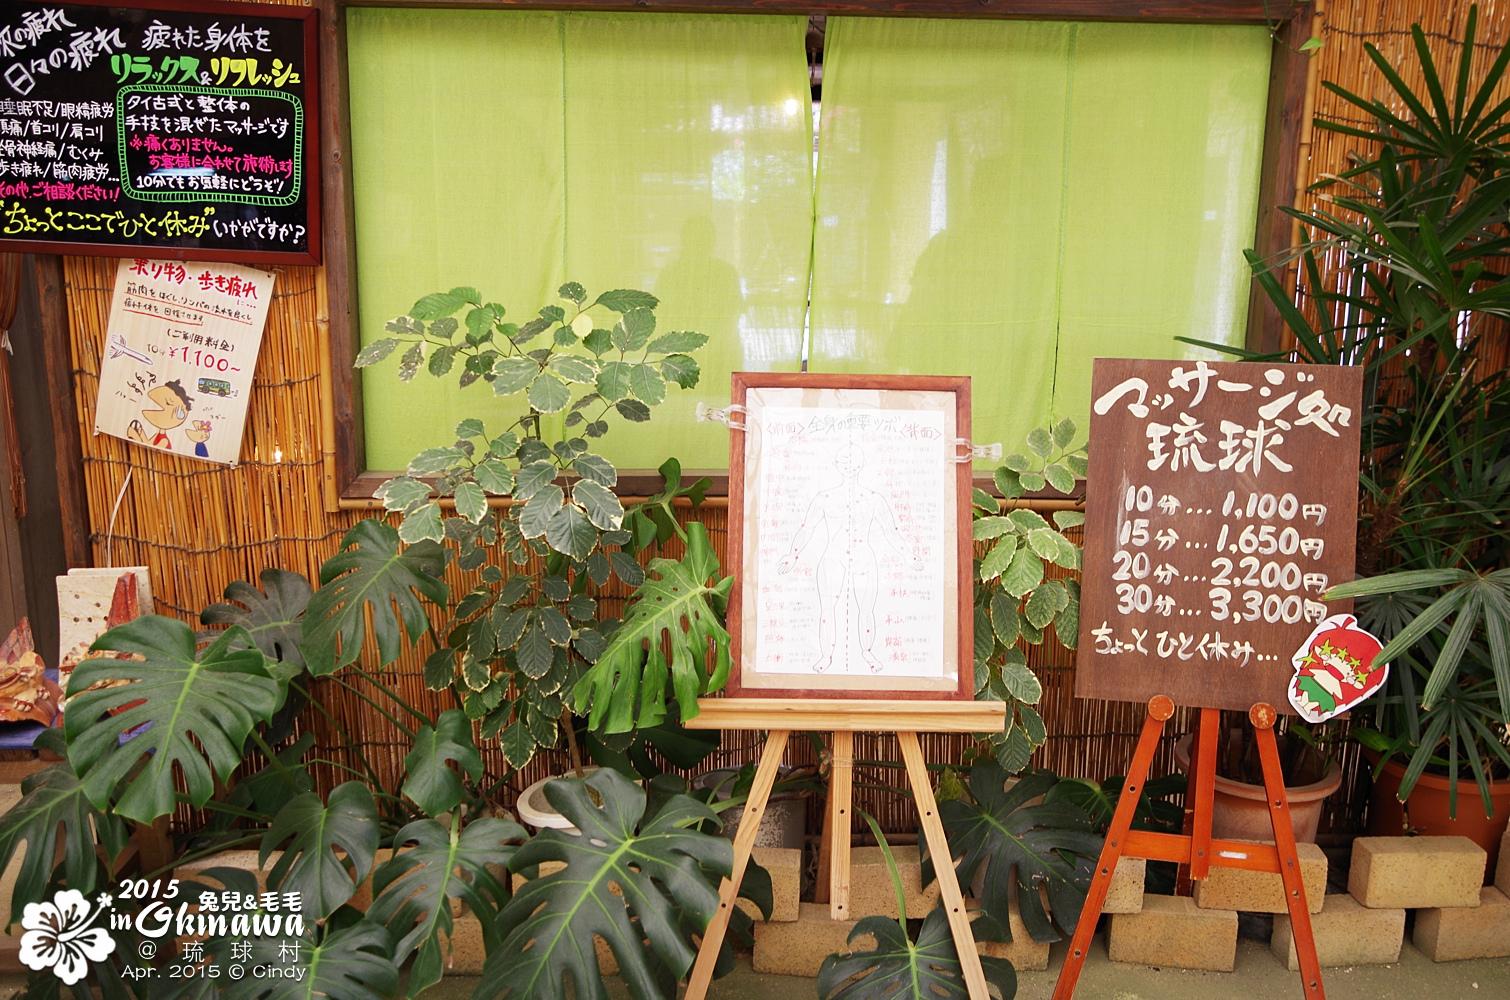 2015-0407-琉球村-02.jpg